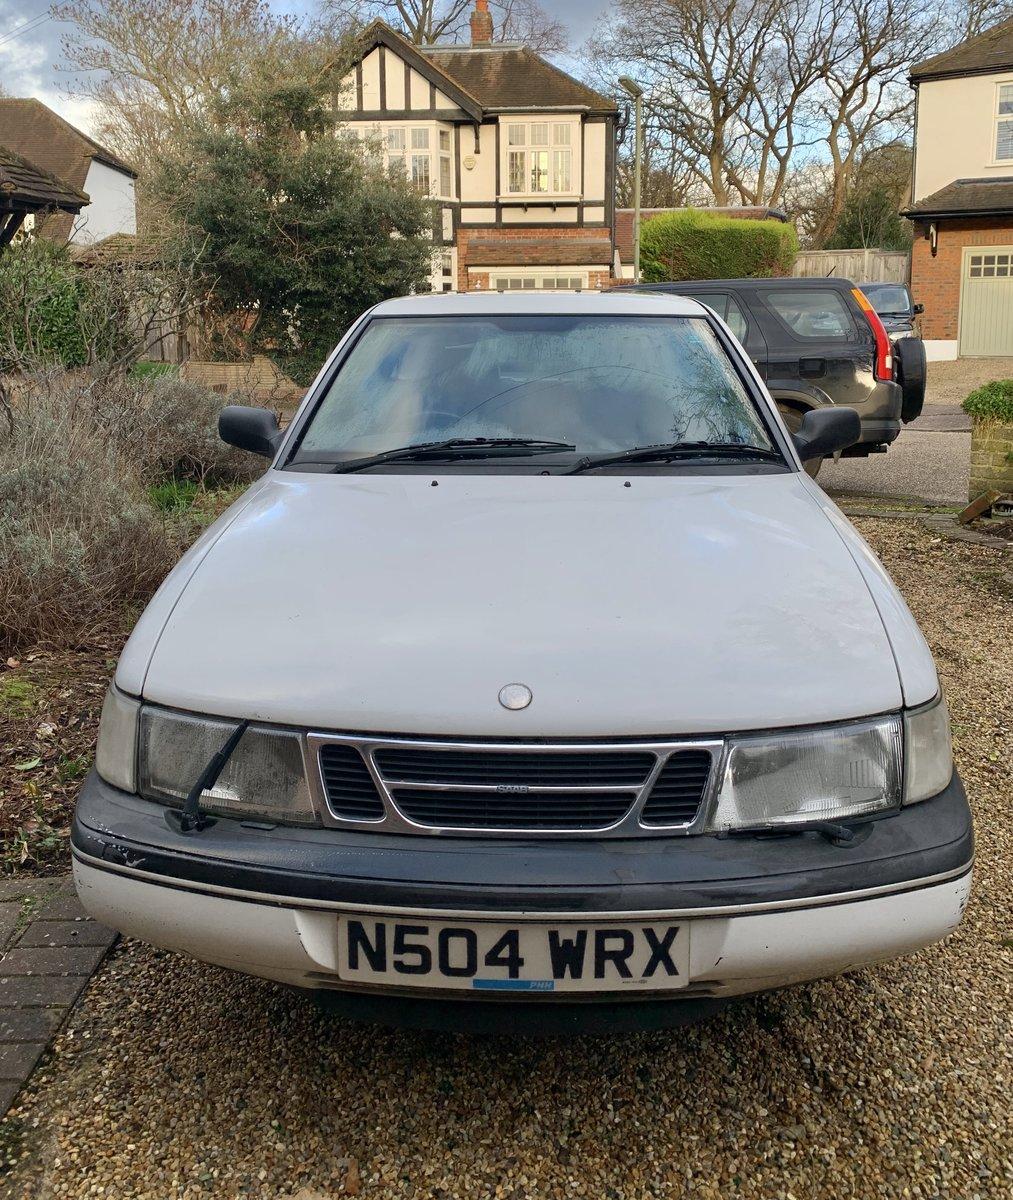 1996 Saab 900S 3 Door Hatchback For Sale (picture 1 of 6)